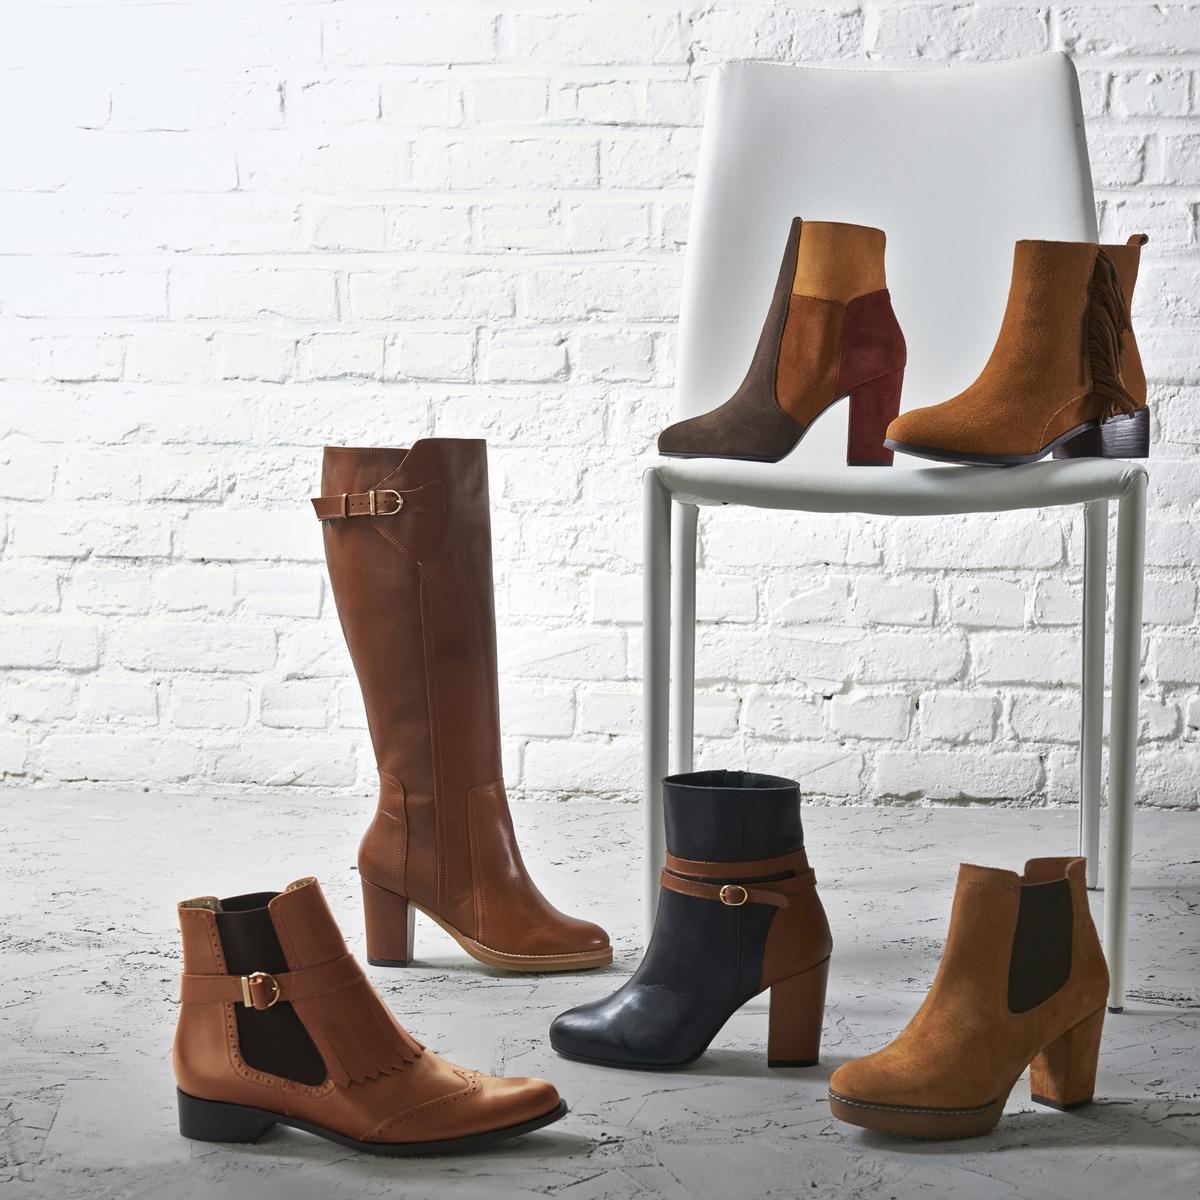 Ботильоны кожаные на широкую ногу, размеры 38-45Описание:Детали •  Высота каблука : 2,5 см •  Застежка : на молнию •  Заостренный мысокСостав и уход •  Верх 100% кожа •  Подкладка 100% текстиль •  Стелька 100% кожа •  Подошва 100% эластомер •  Произведено в Португалии<br><br>Цвет: темно-бежевый,черный<br>Размер: 45.43.42.45.44.38.43